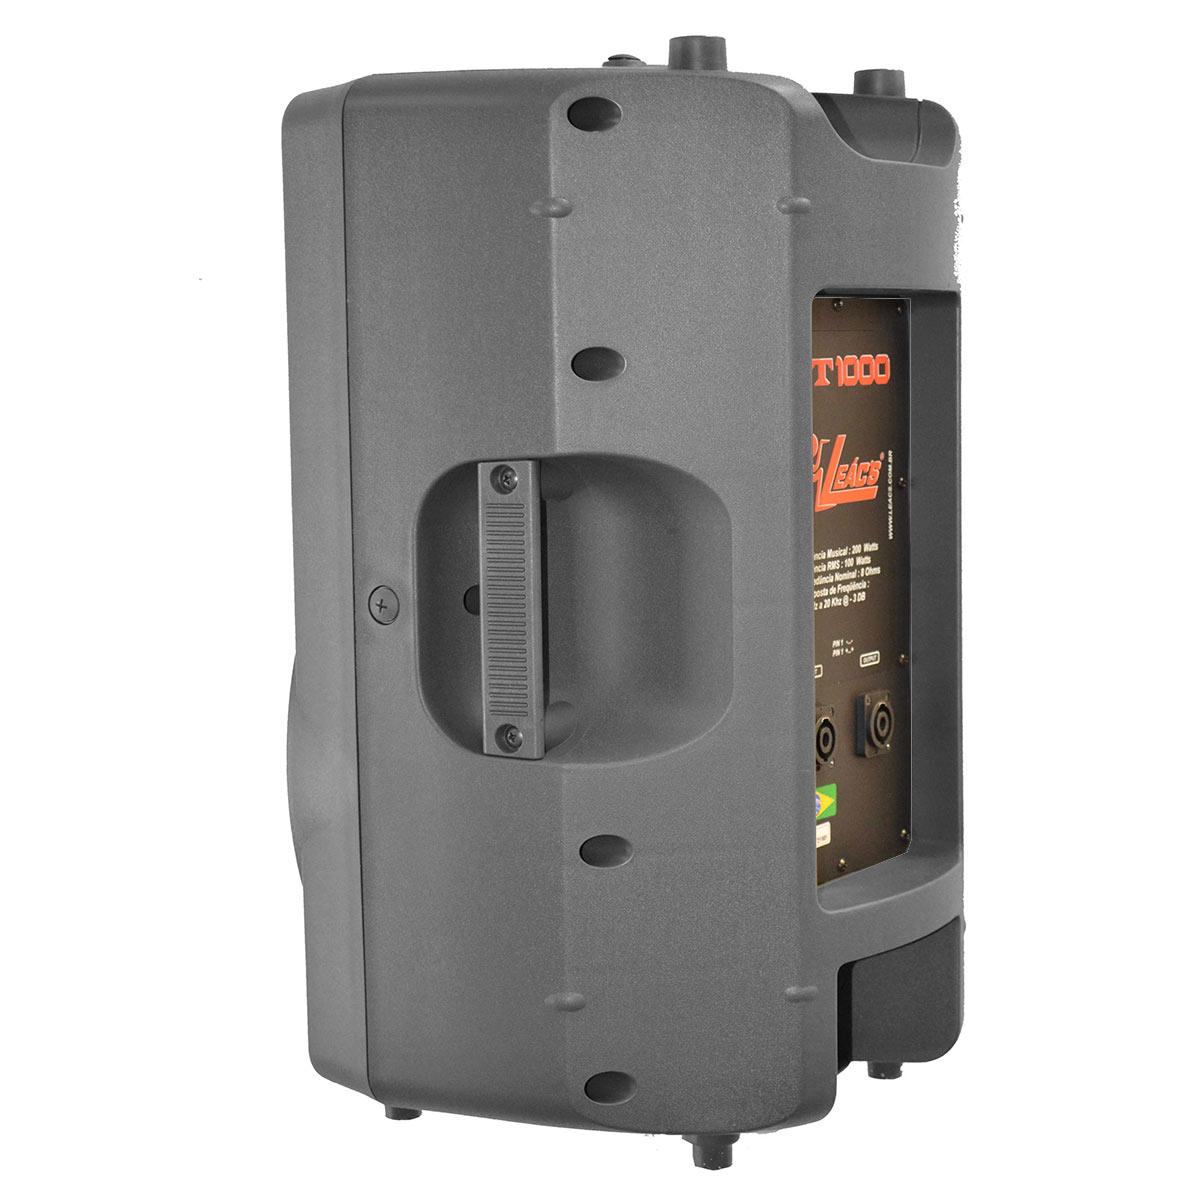 LT1000 - Caixa Passiva 100W LT 1000 - Leacs